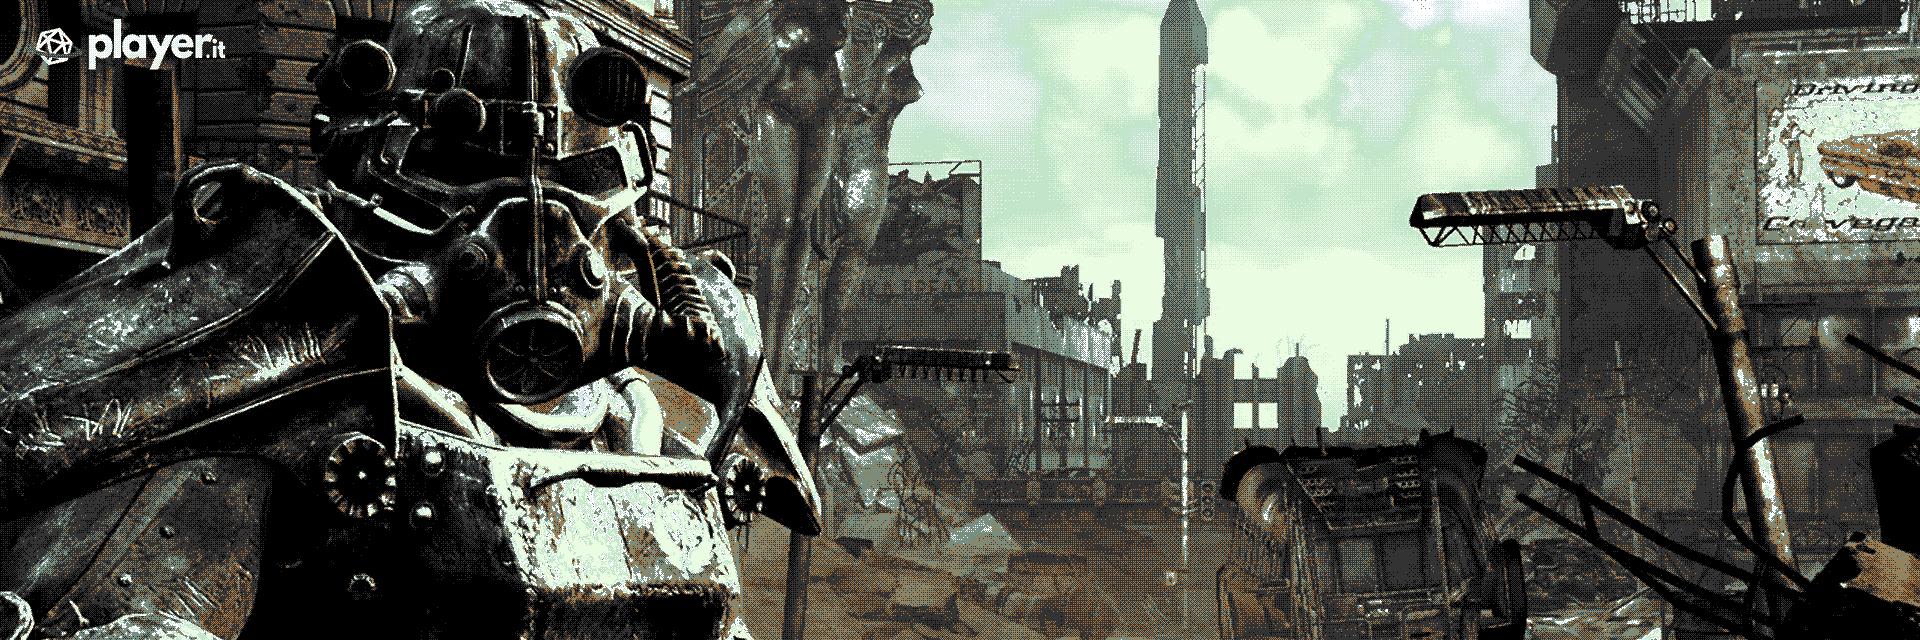 fallout 3 scheda gioco